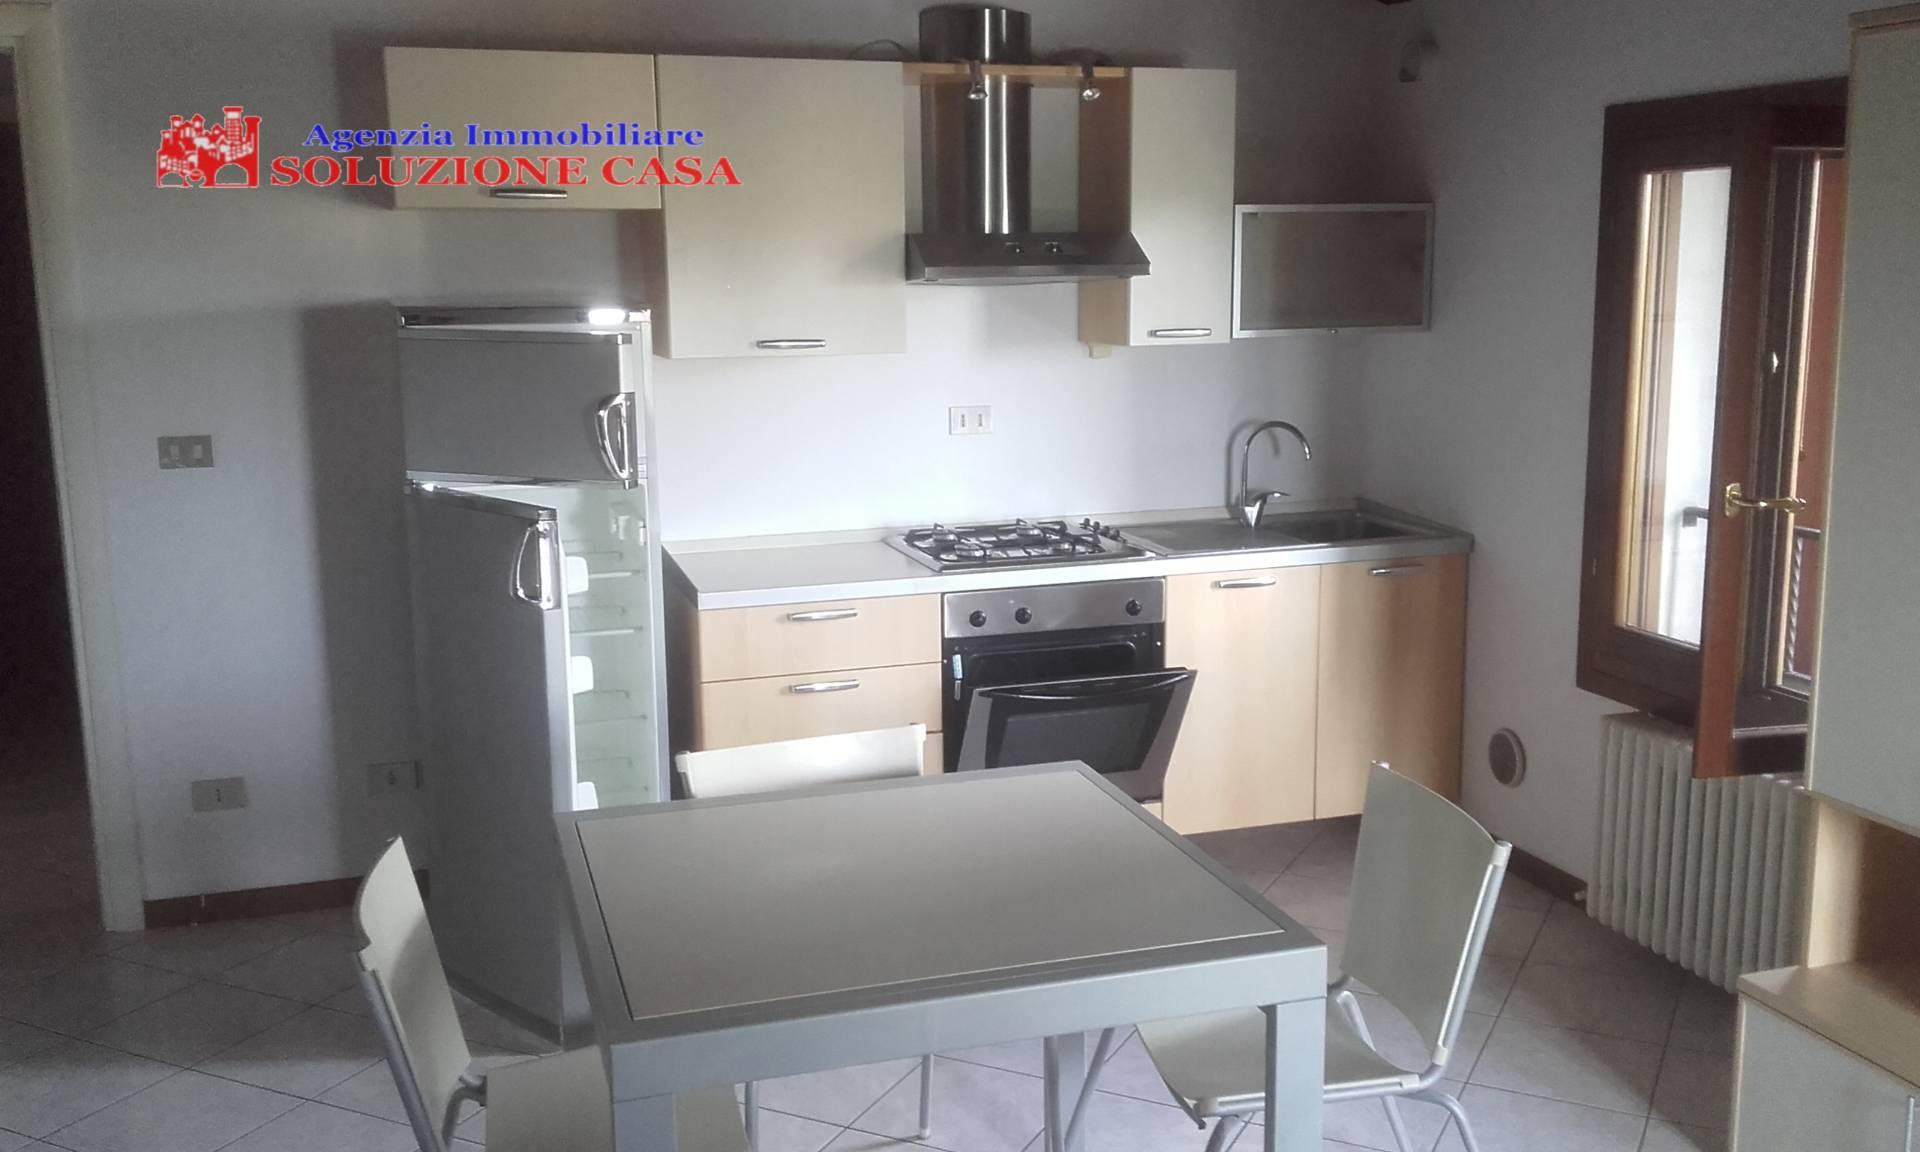 Appartamento in affitto a Castello d'Argile, 2 locali, prezzo € 480 | CambioCasa.it